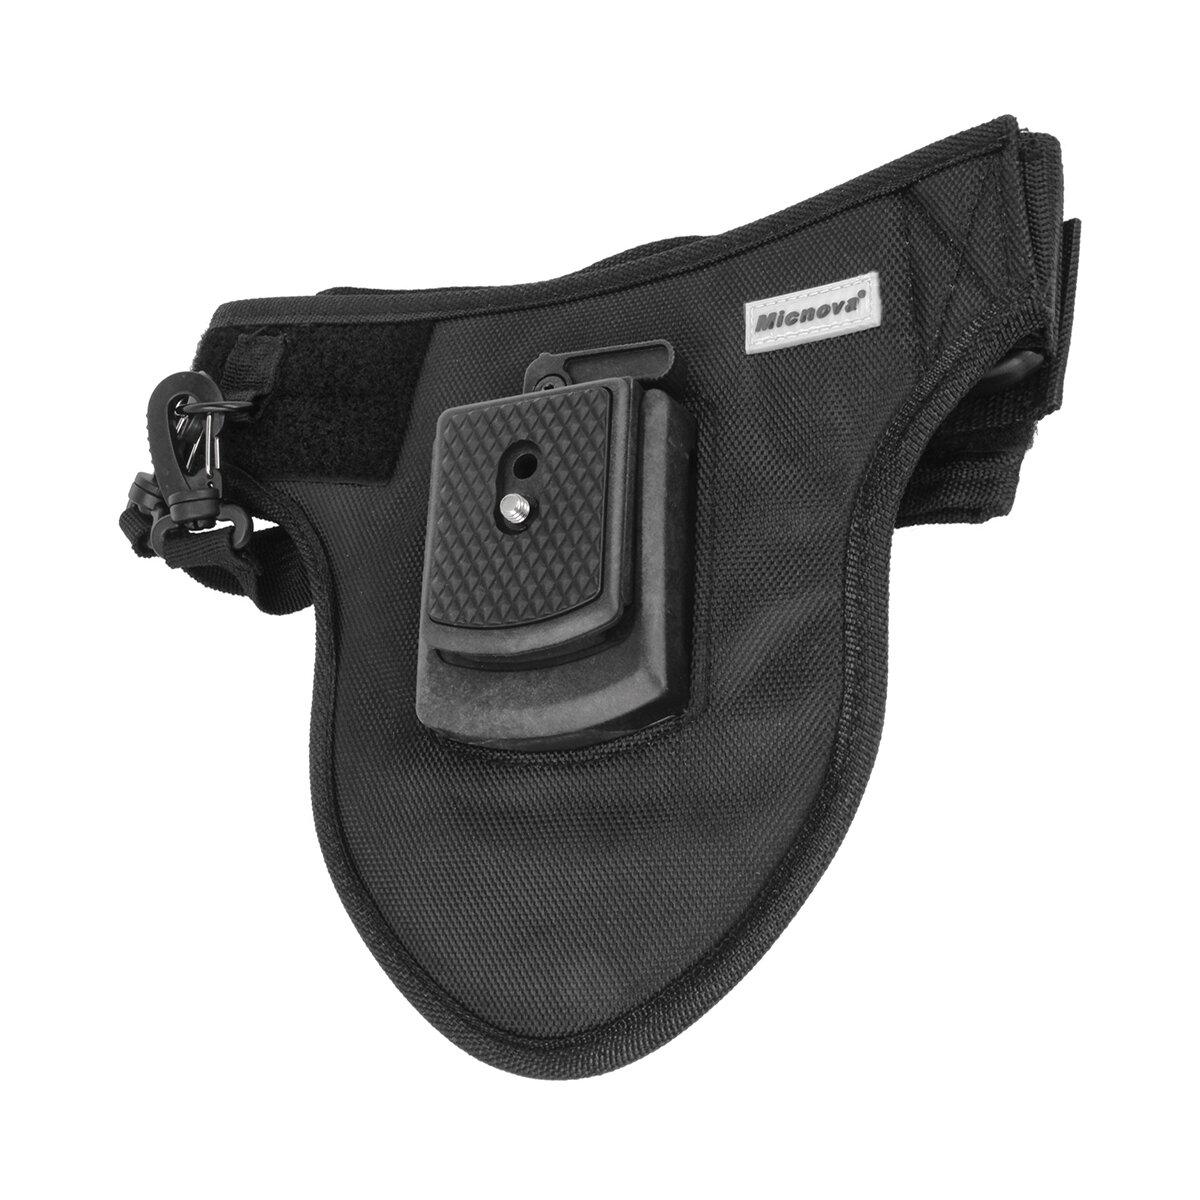 Micnova Kameraholster für DSLR SLR Kameras | Tragesystem für 1 Kamera | Kameragurt für den Hüftbereich | Rückenschonendes Tragesystem